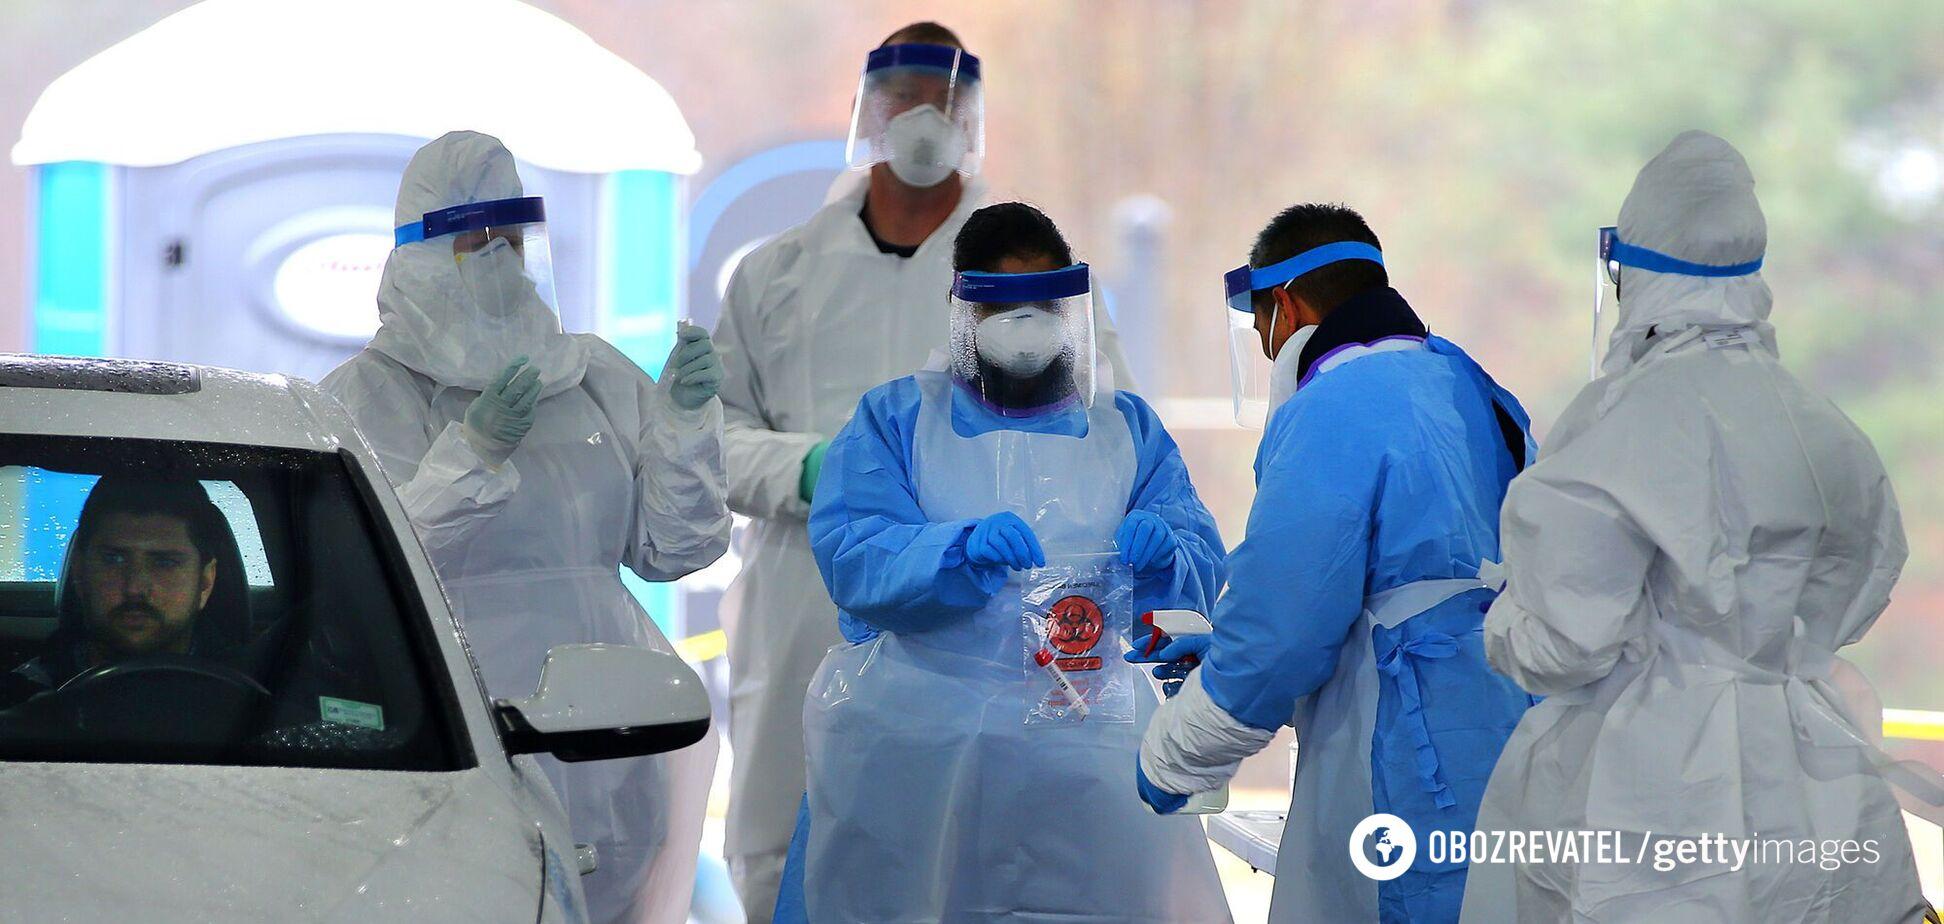 Эпидемиолог предупредил, что борьба с COVID-19 займет несколько лет